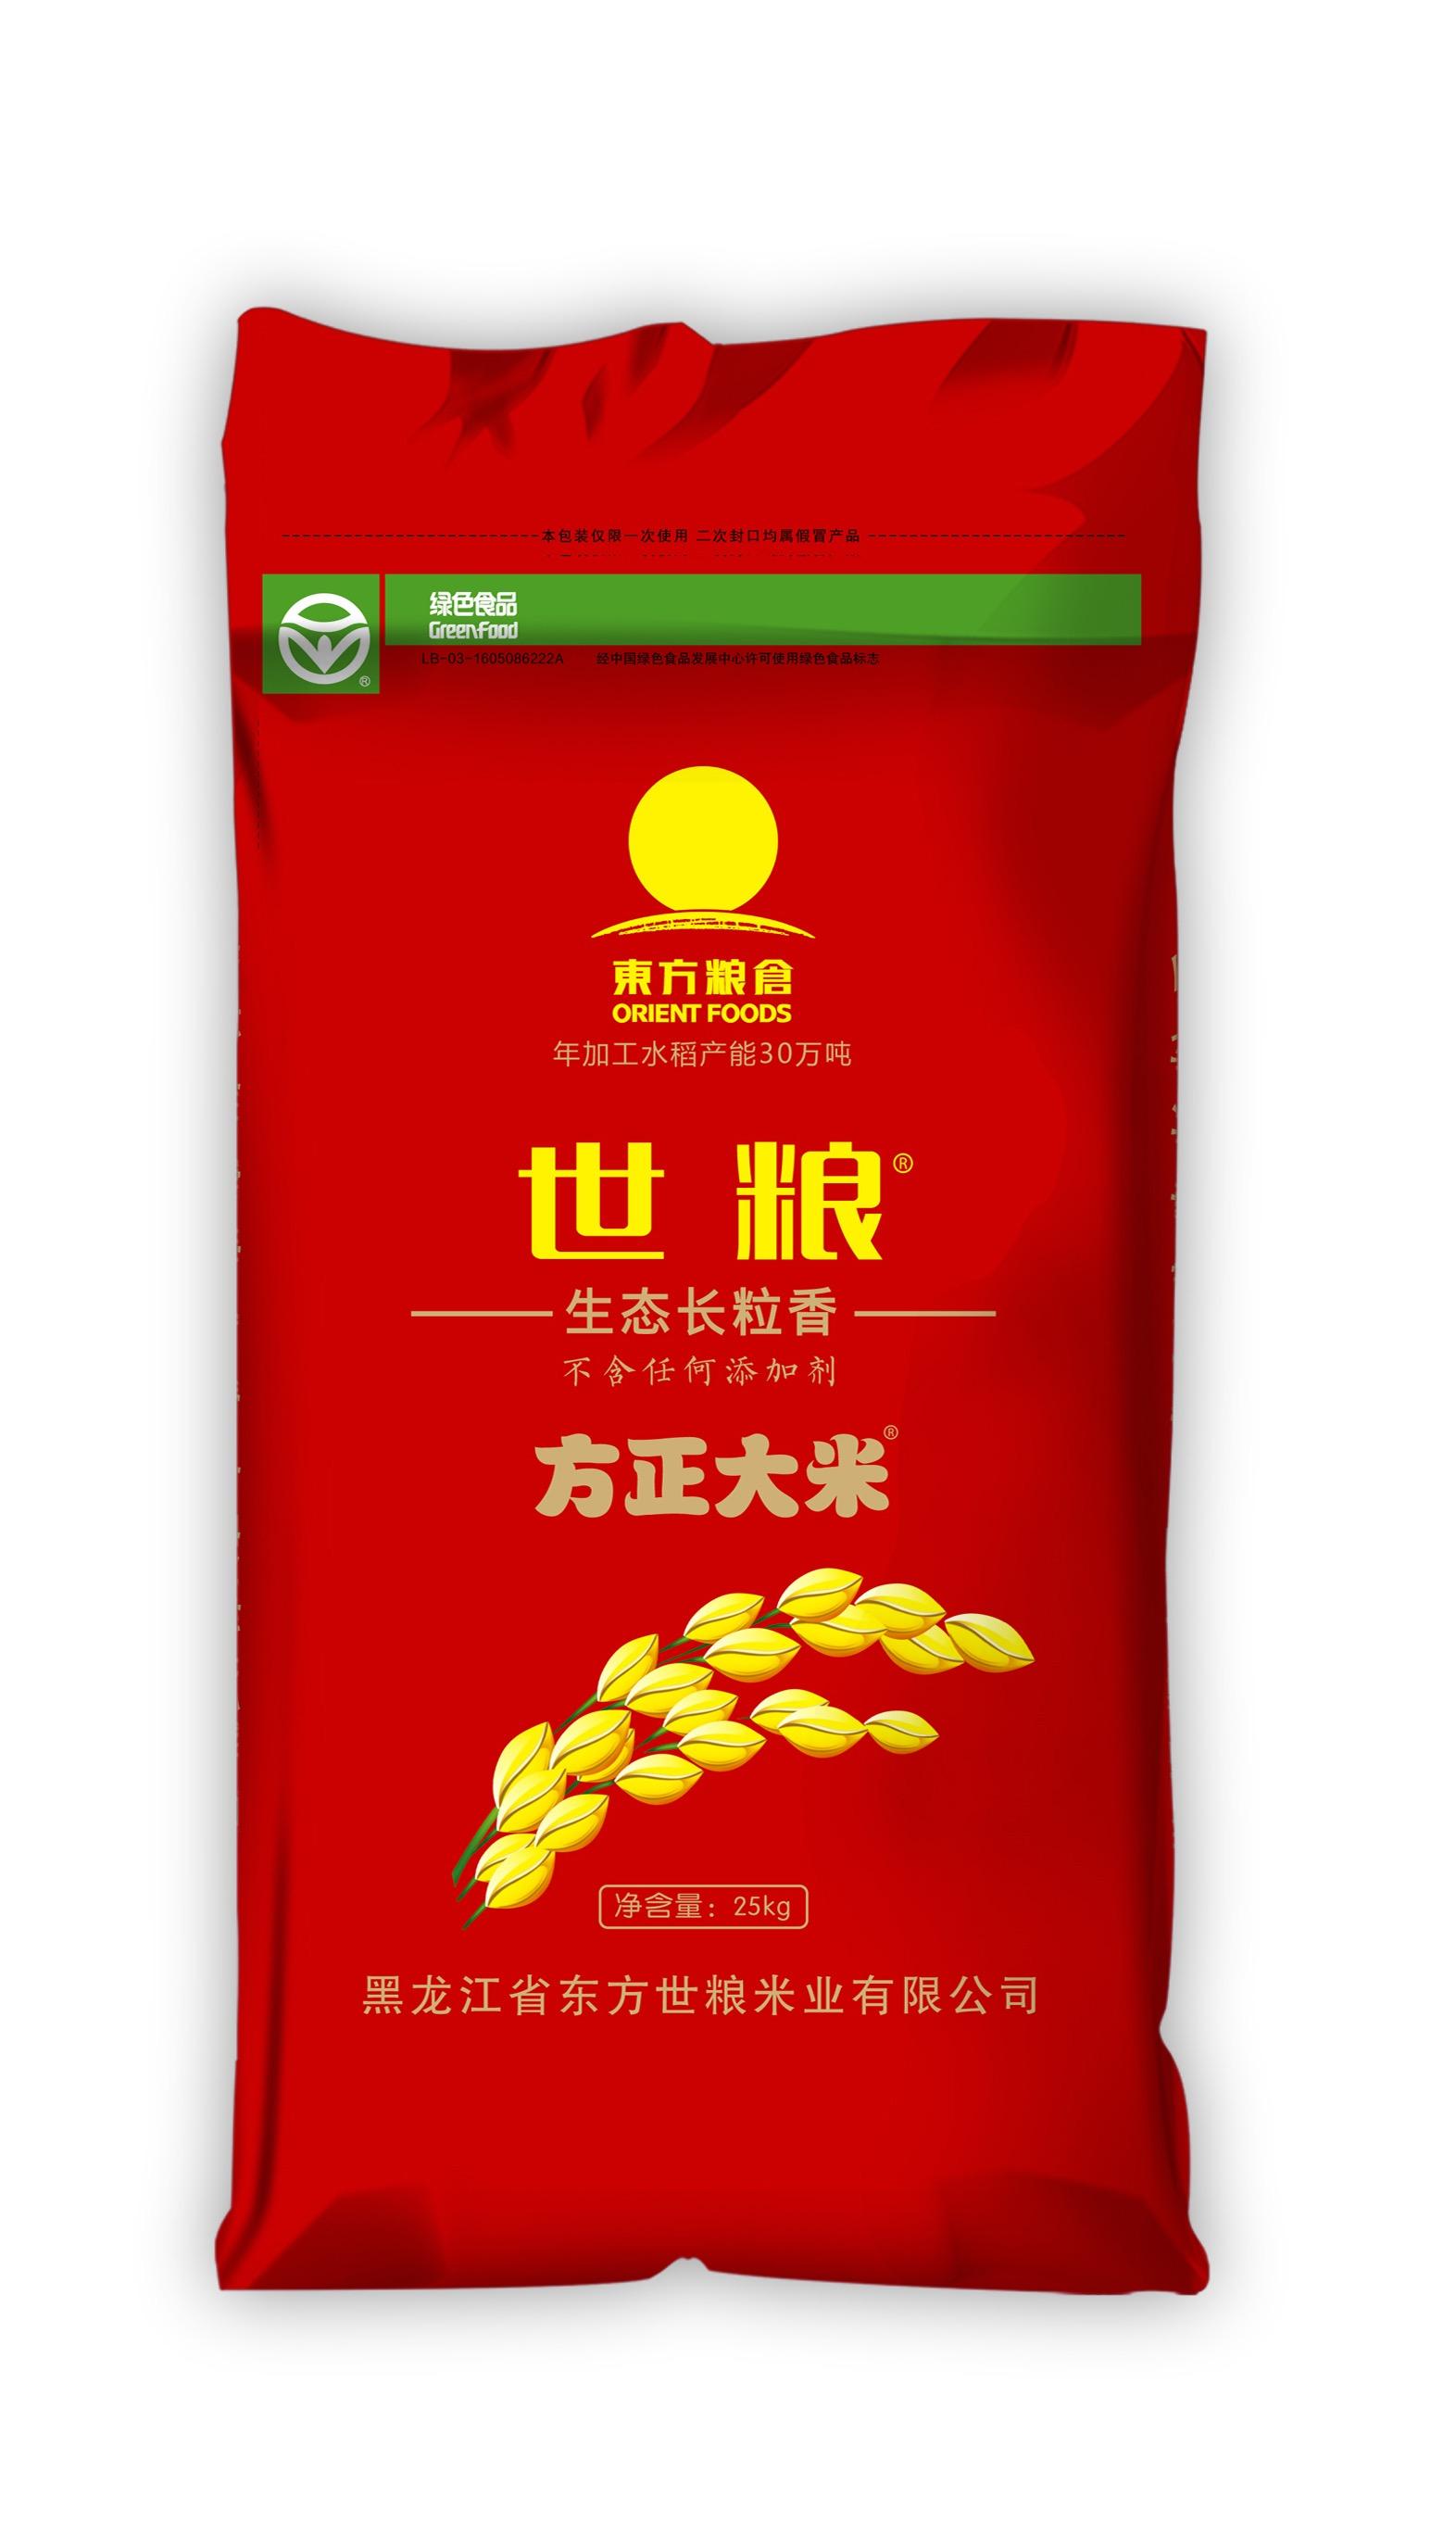 世粮生态长粒香25kg